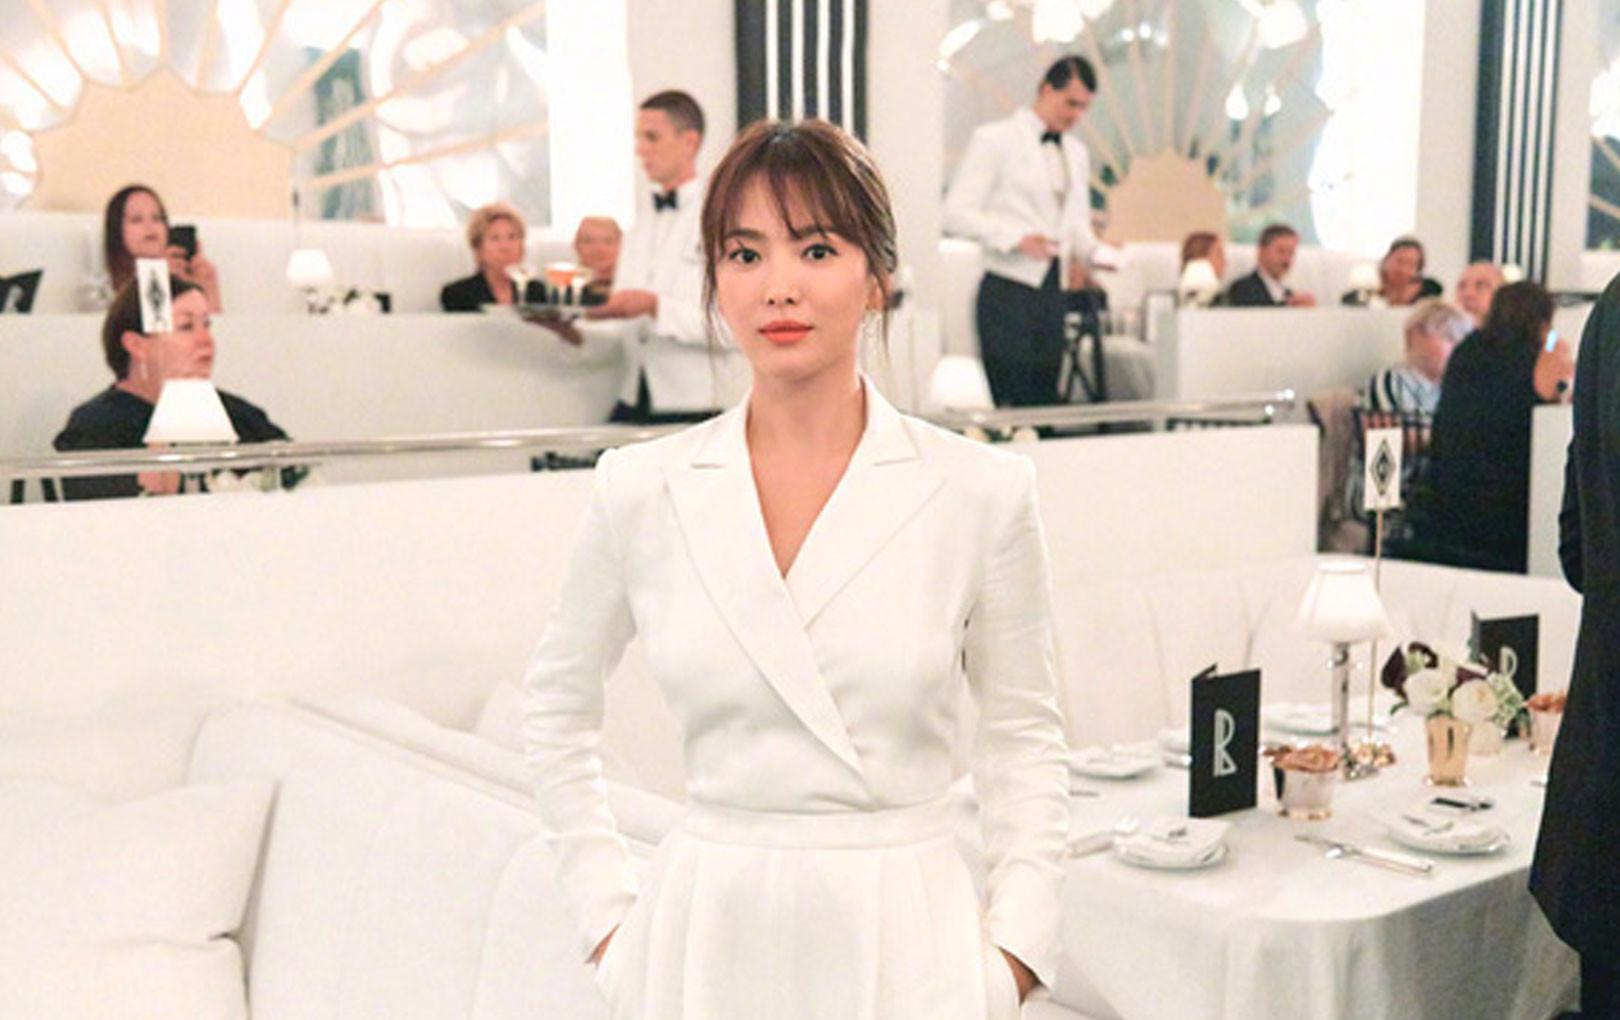 Cuối cùng Song Hye Kyo cũng chia sẻ lời tâm sự sau biến cố hôn nhân khiến CĐM thở phào nhẹ nhõm